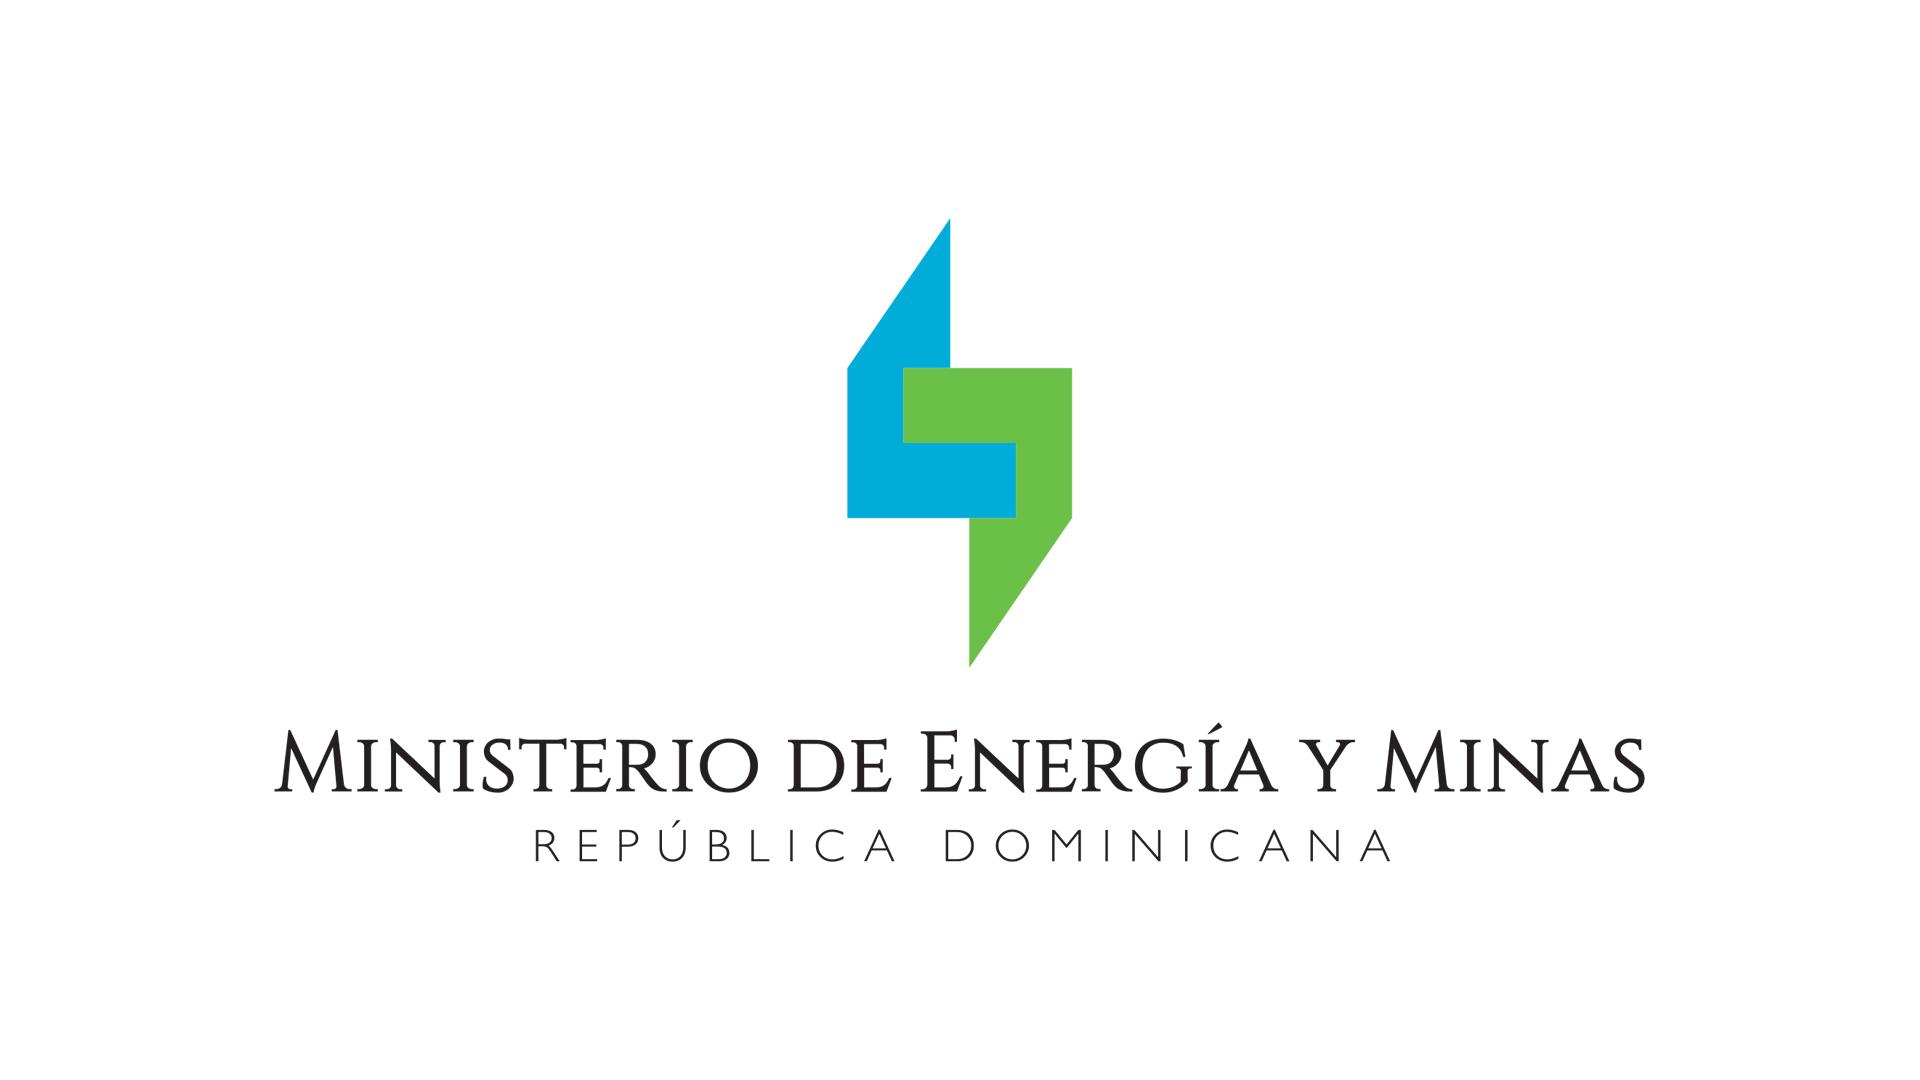 Declaración del Ministerio de Energía y Minas Sobre Fallecimiento de Mineros de Ámbar en Accidente en Hato Mayor